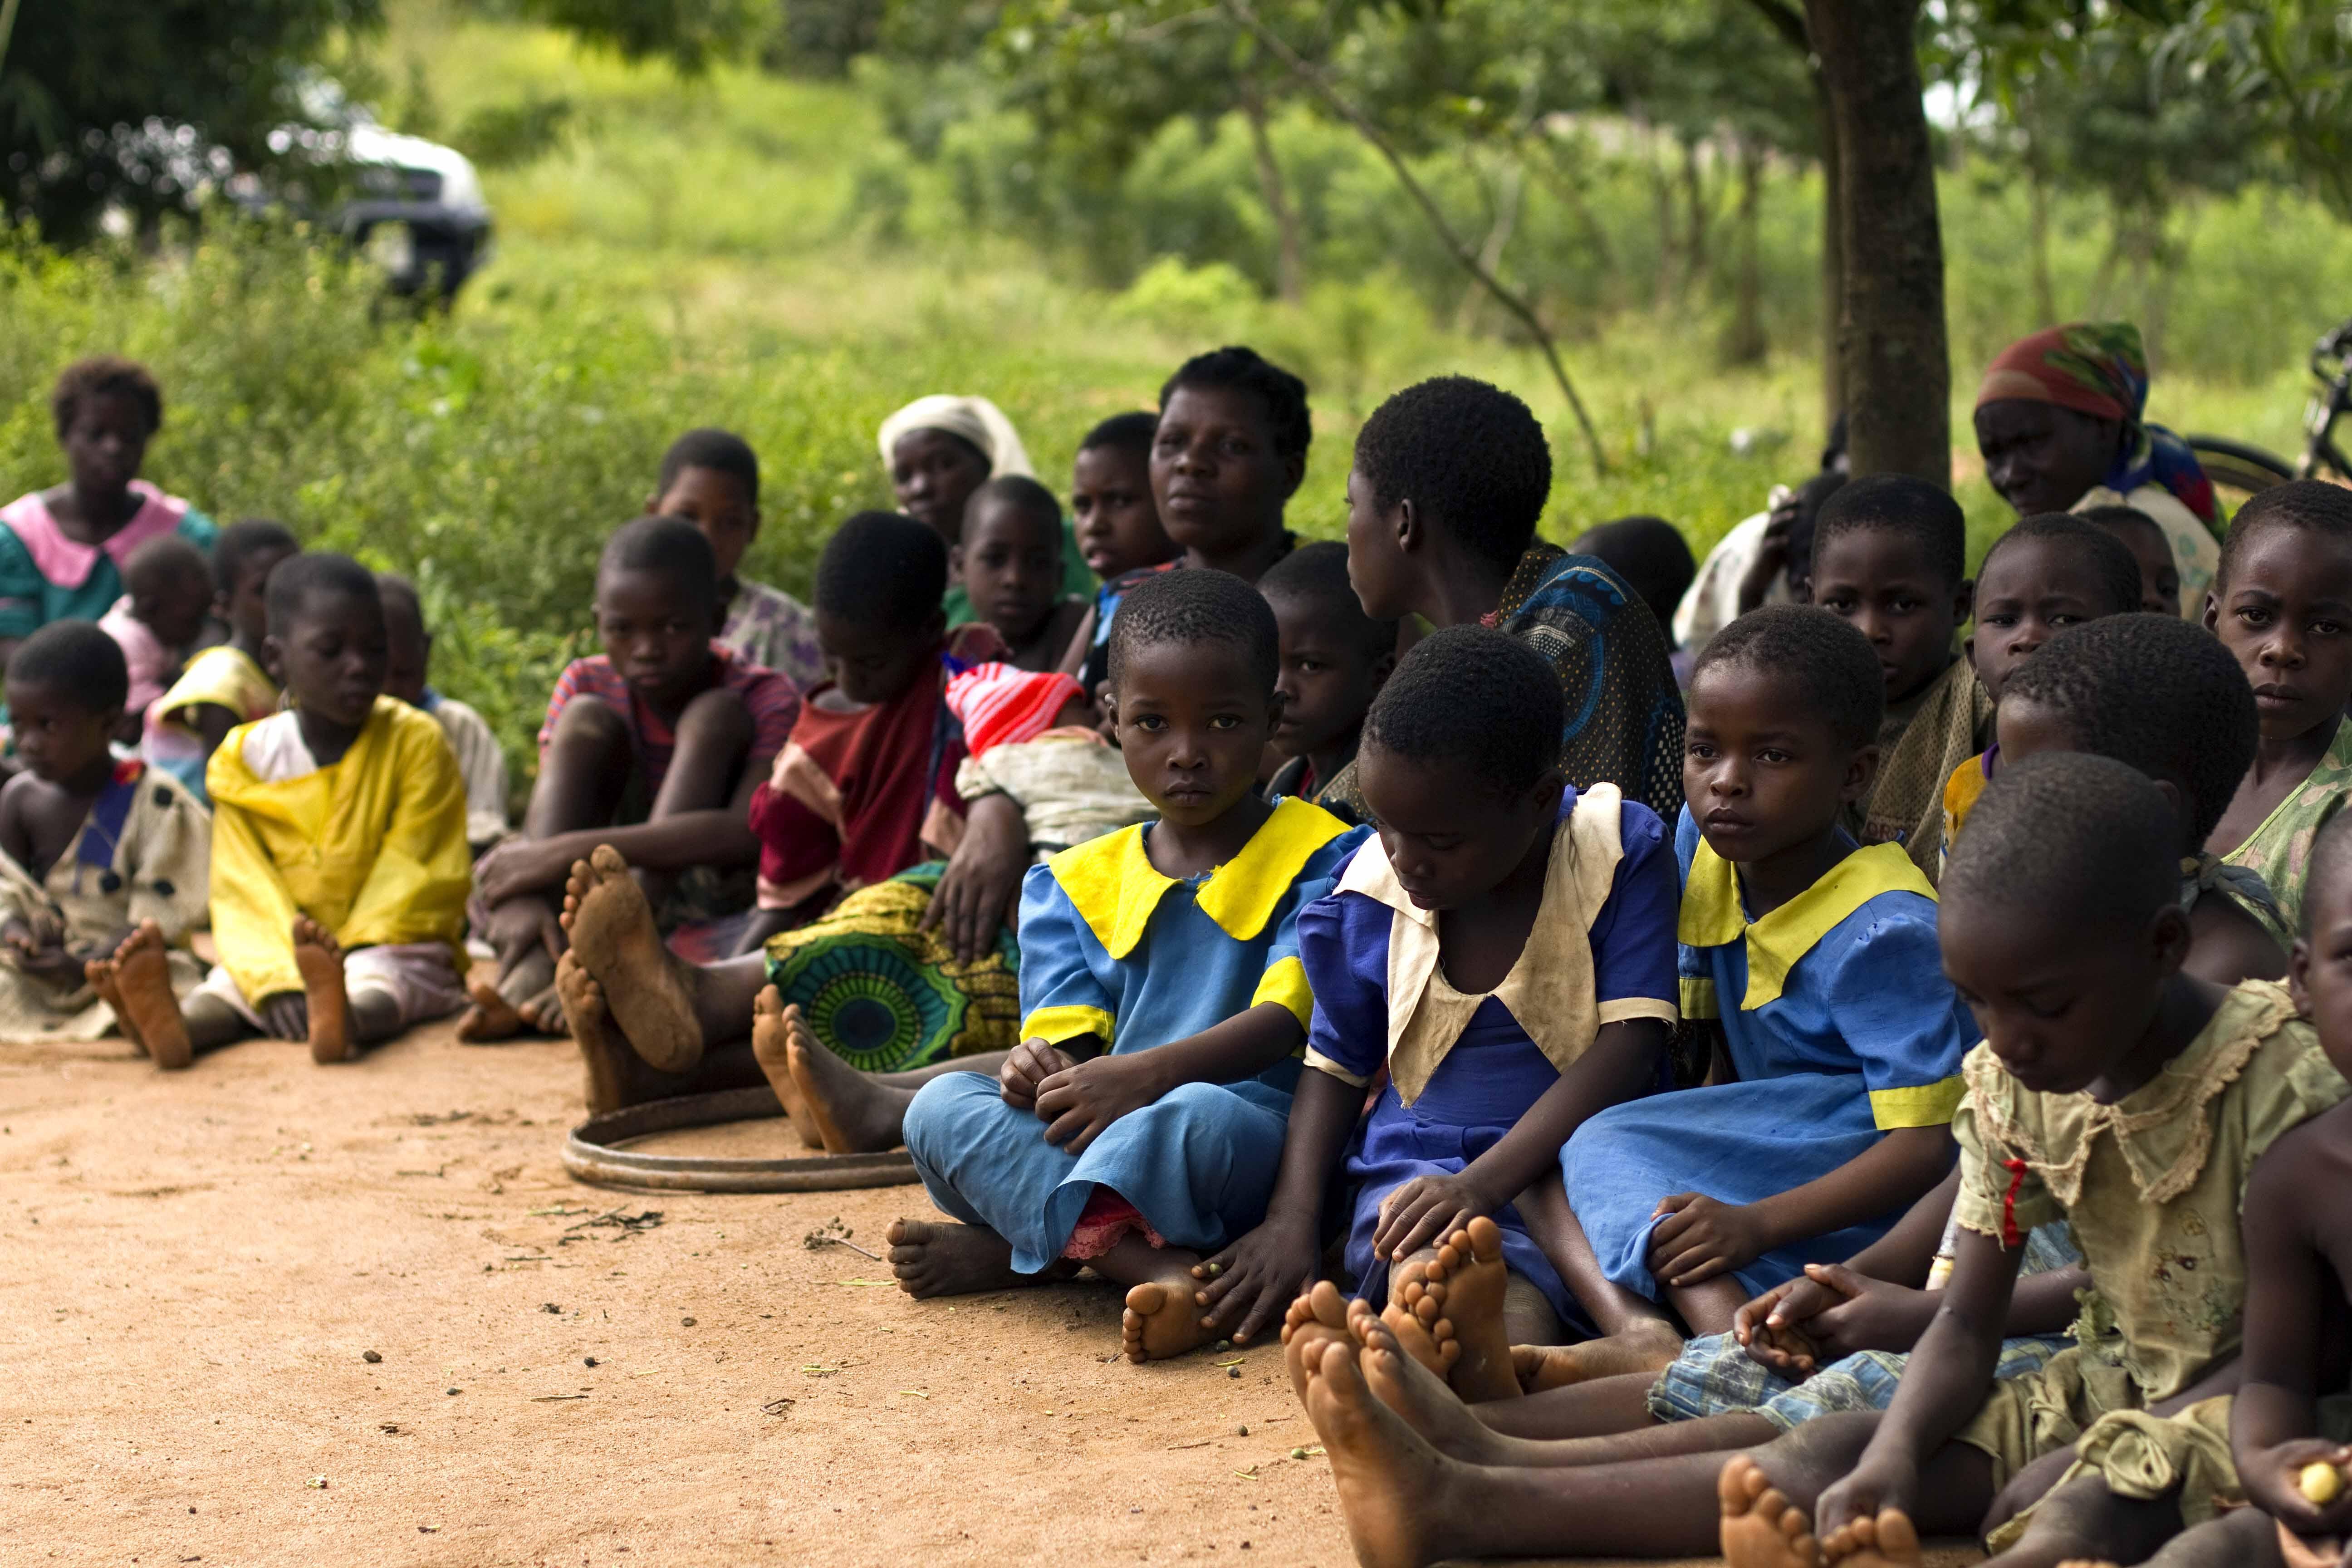 image of malawi